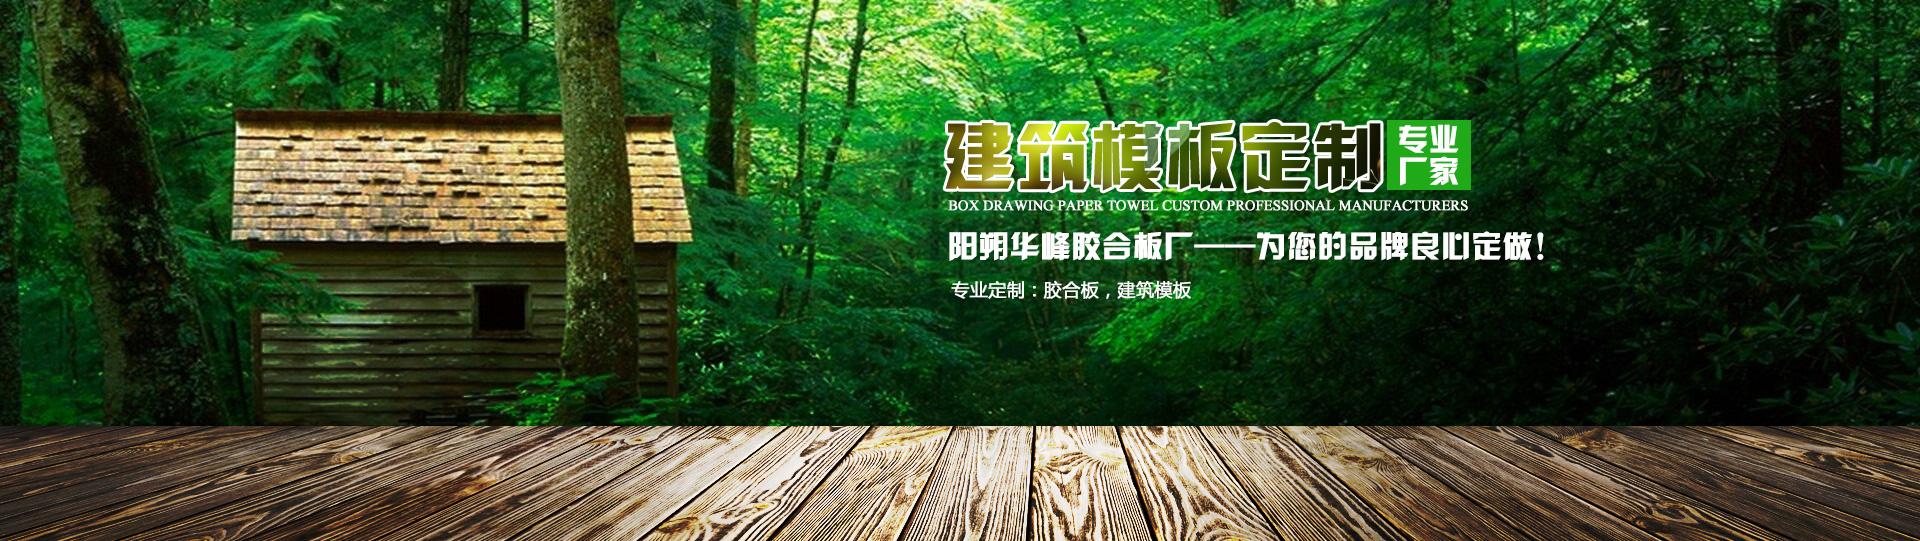 广西千赢pt手机客户端千亿体育客服,广西千赢国际老虎机官方网站,广西覆膜板